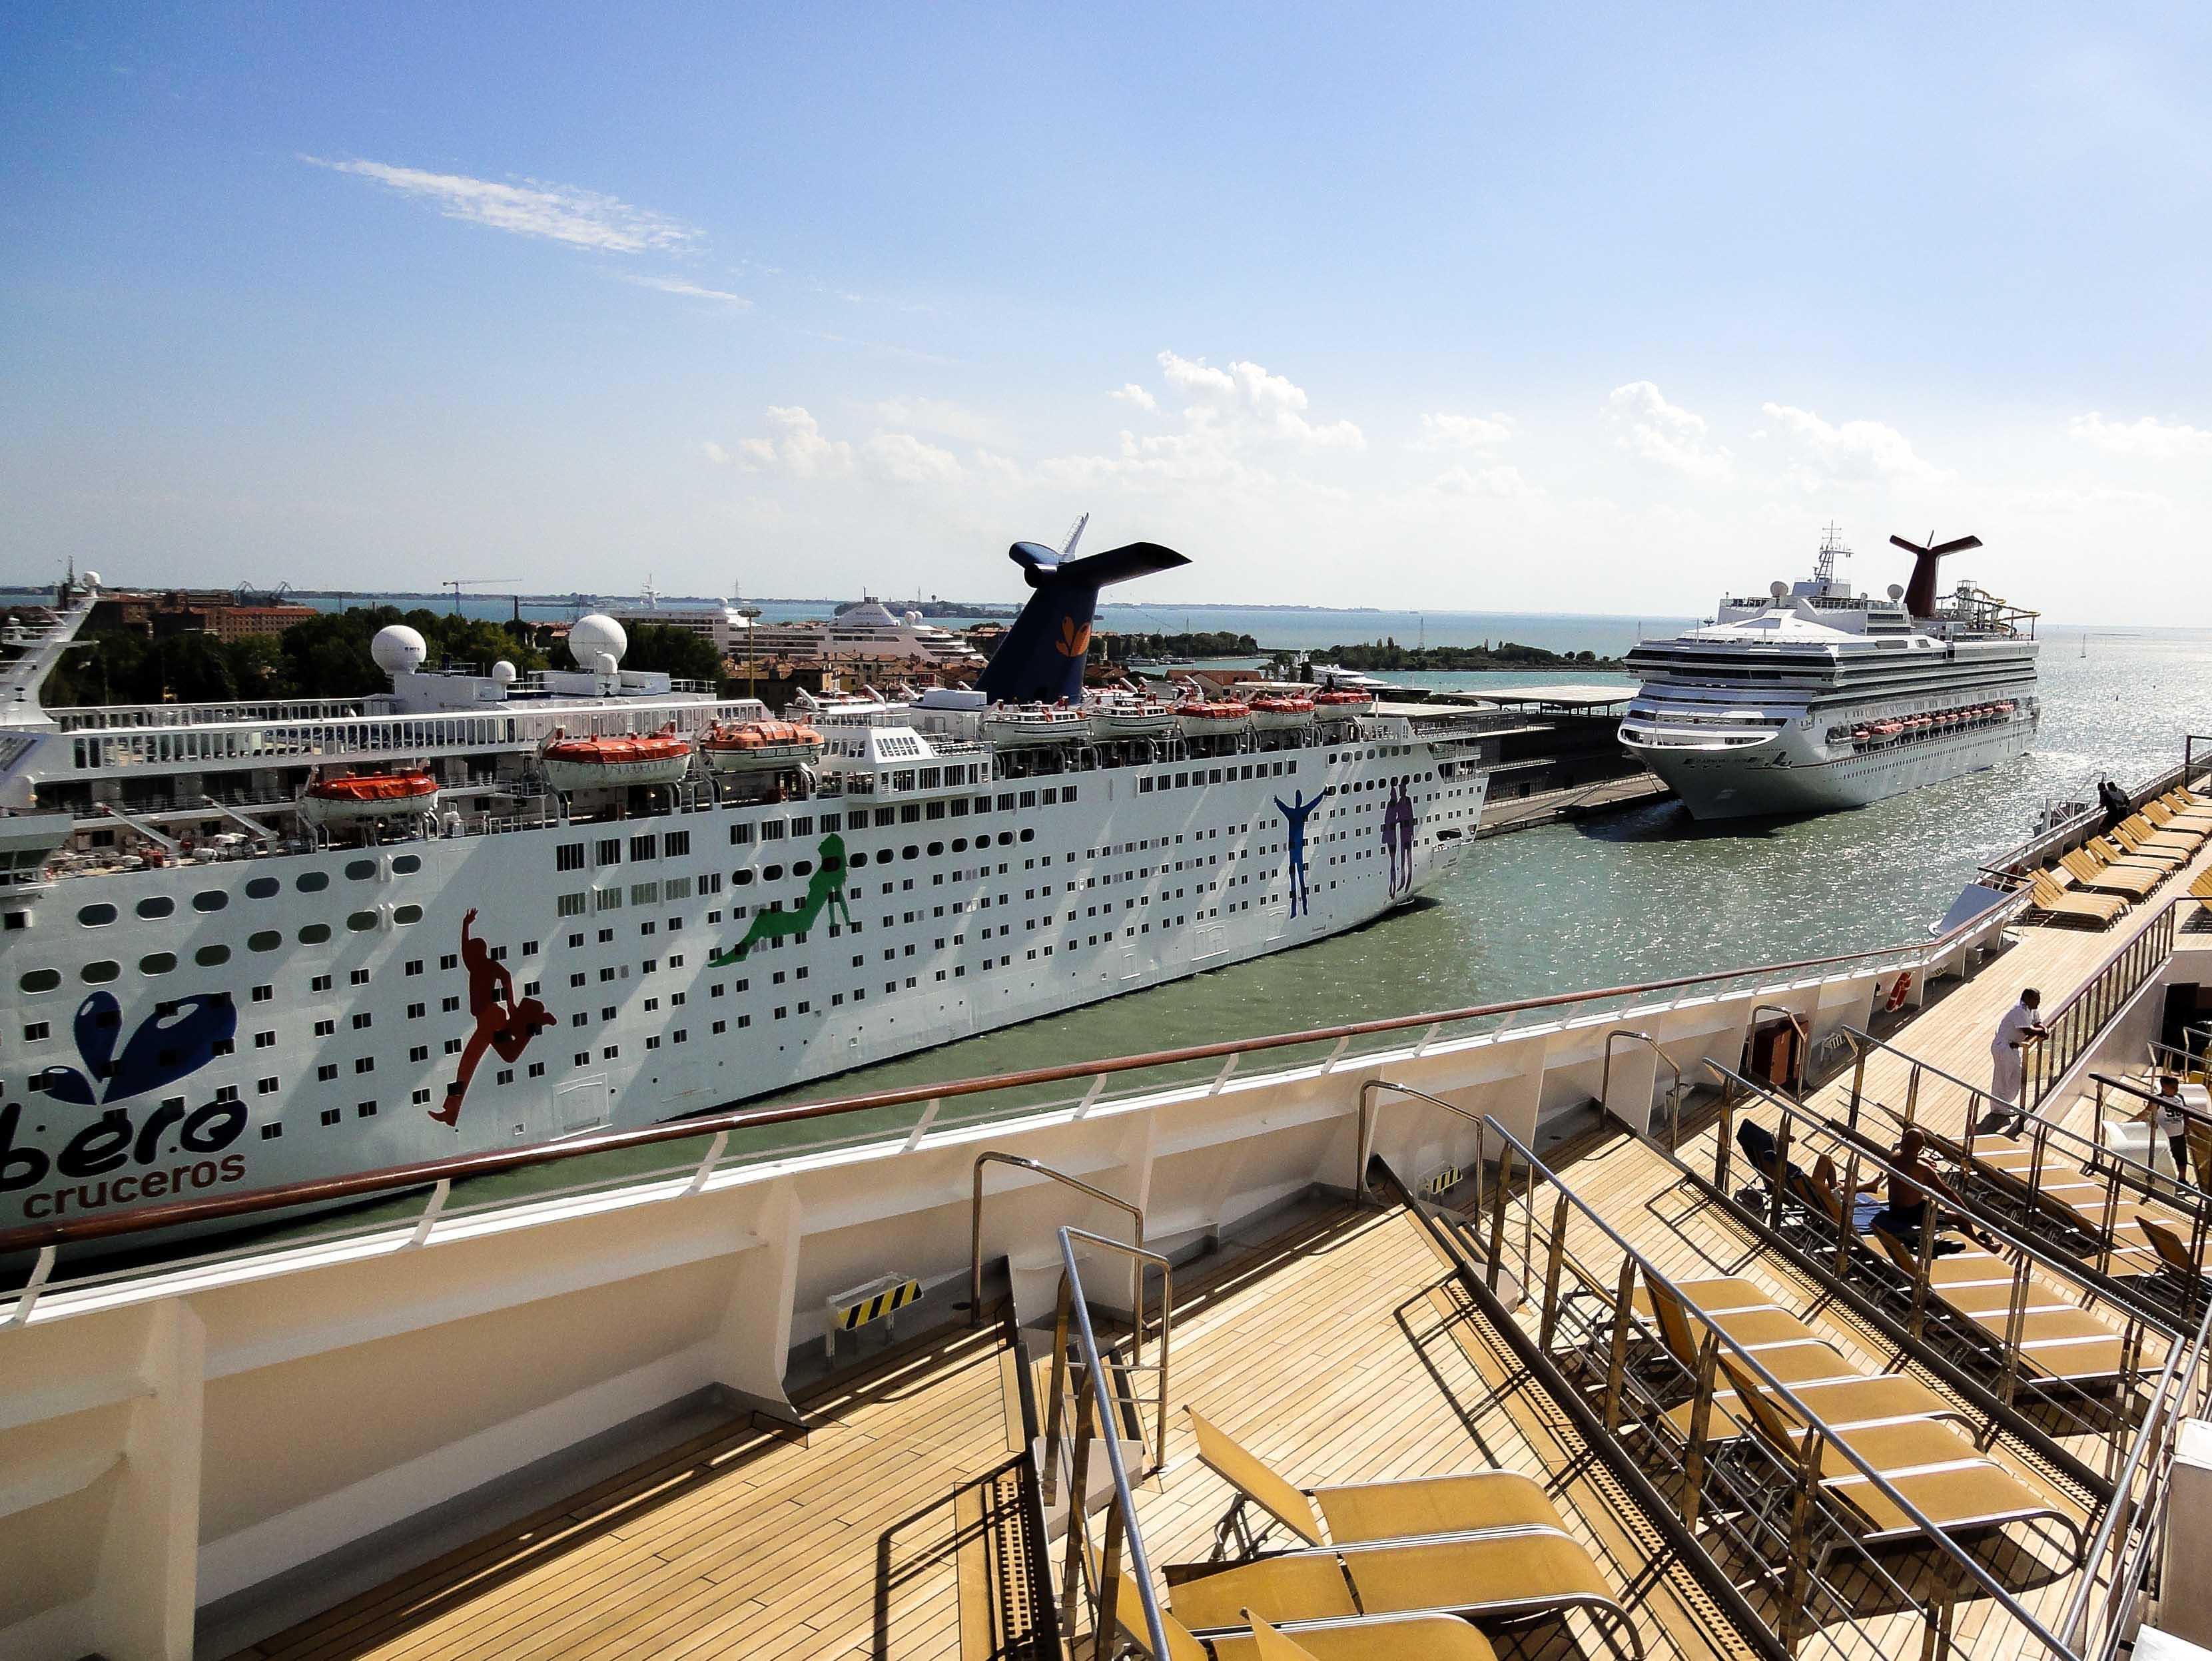 wichtigsten Kreuzfahrten Tipps Anfänger Reisegepäck Tipps gegen Seekrankheit Übelkeit auf See Alle Tipps problemlose Kreuzfahrt Sonnendeck